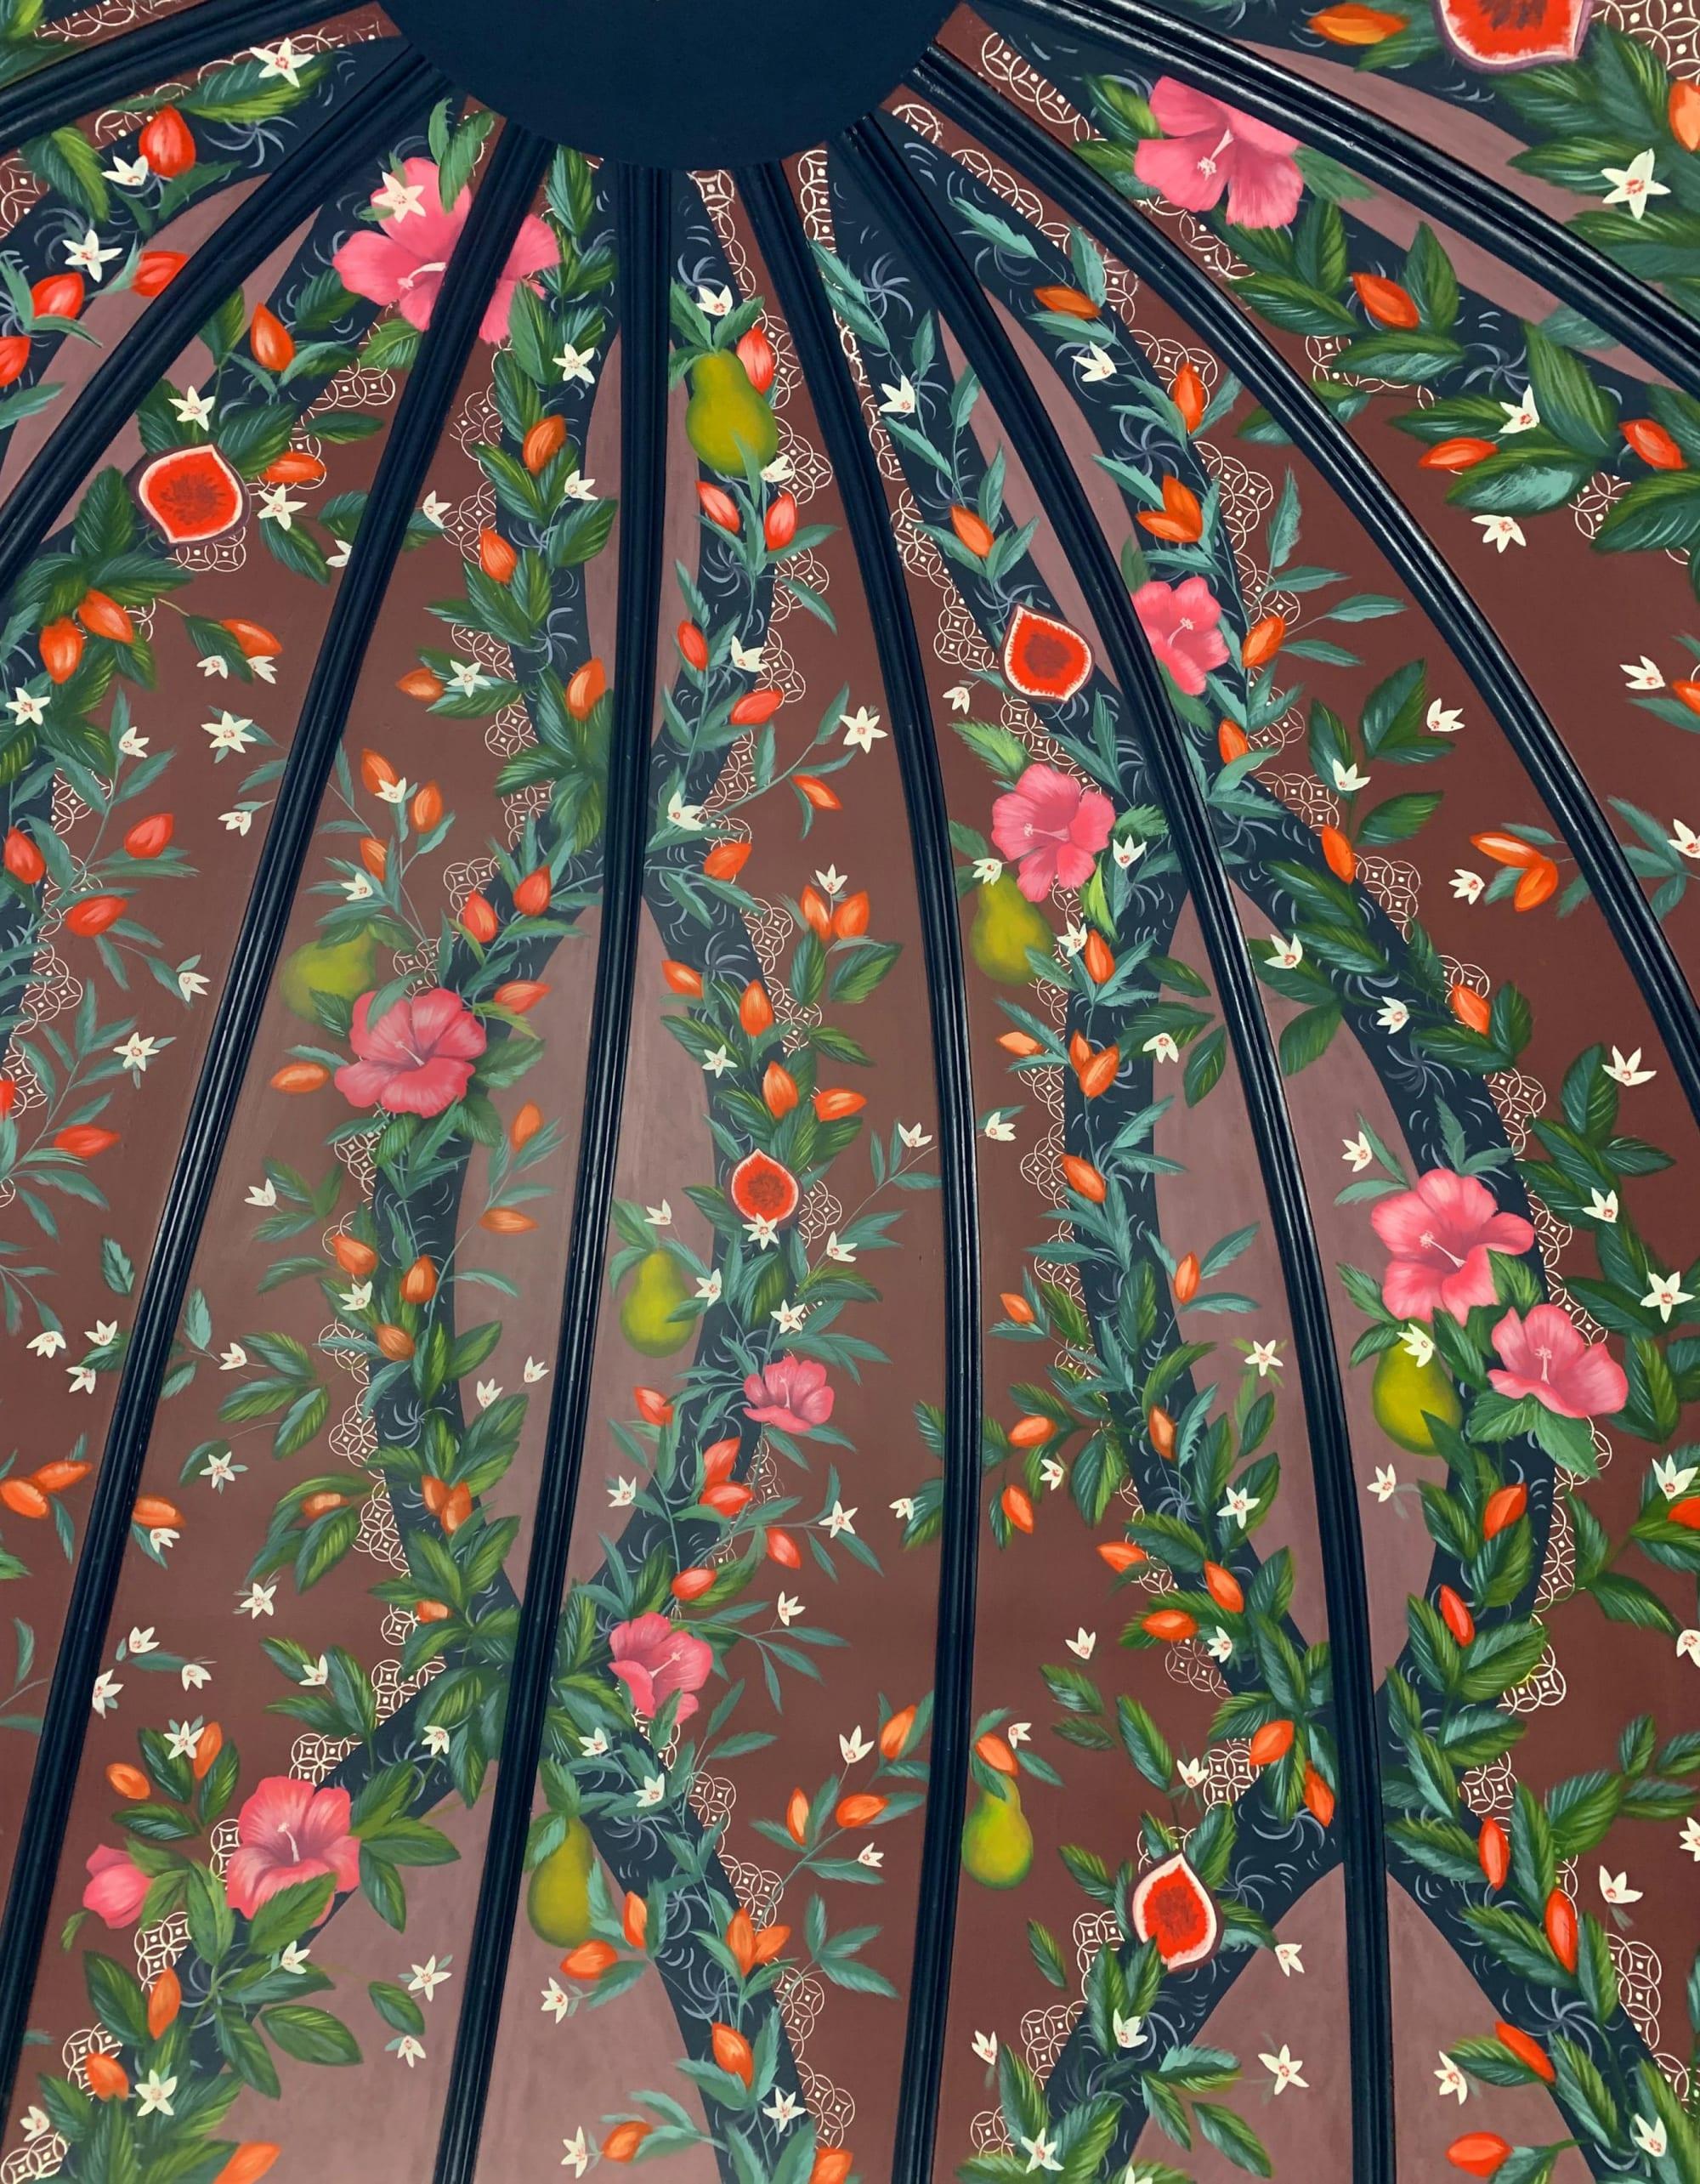 Street Murals by Nicolette Atelier seen at Brasserie Liberté, Washington - Brasserie Liberté